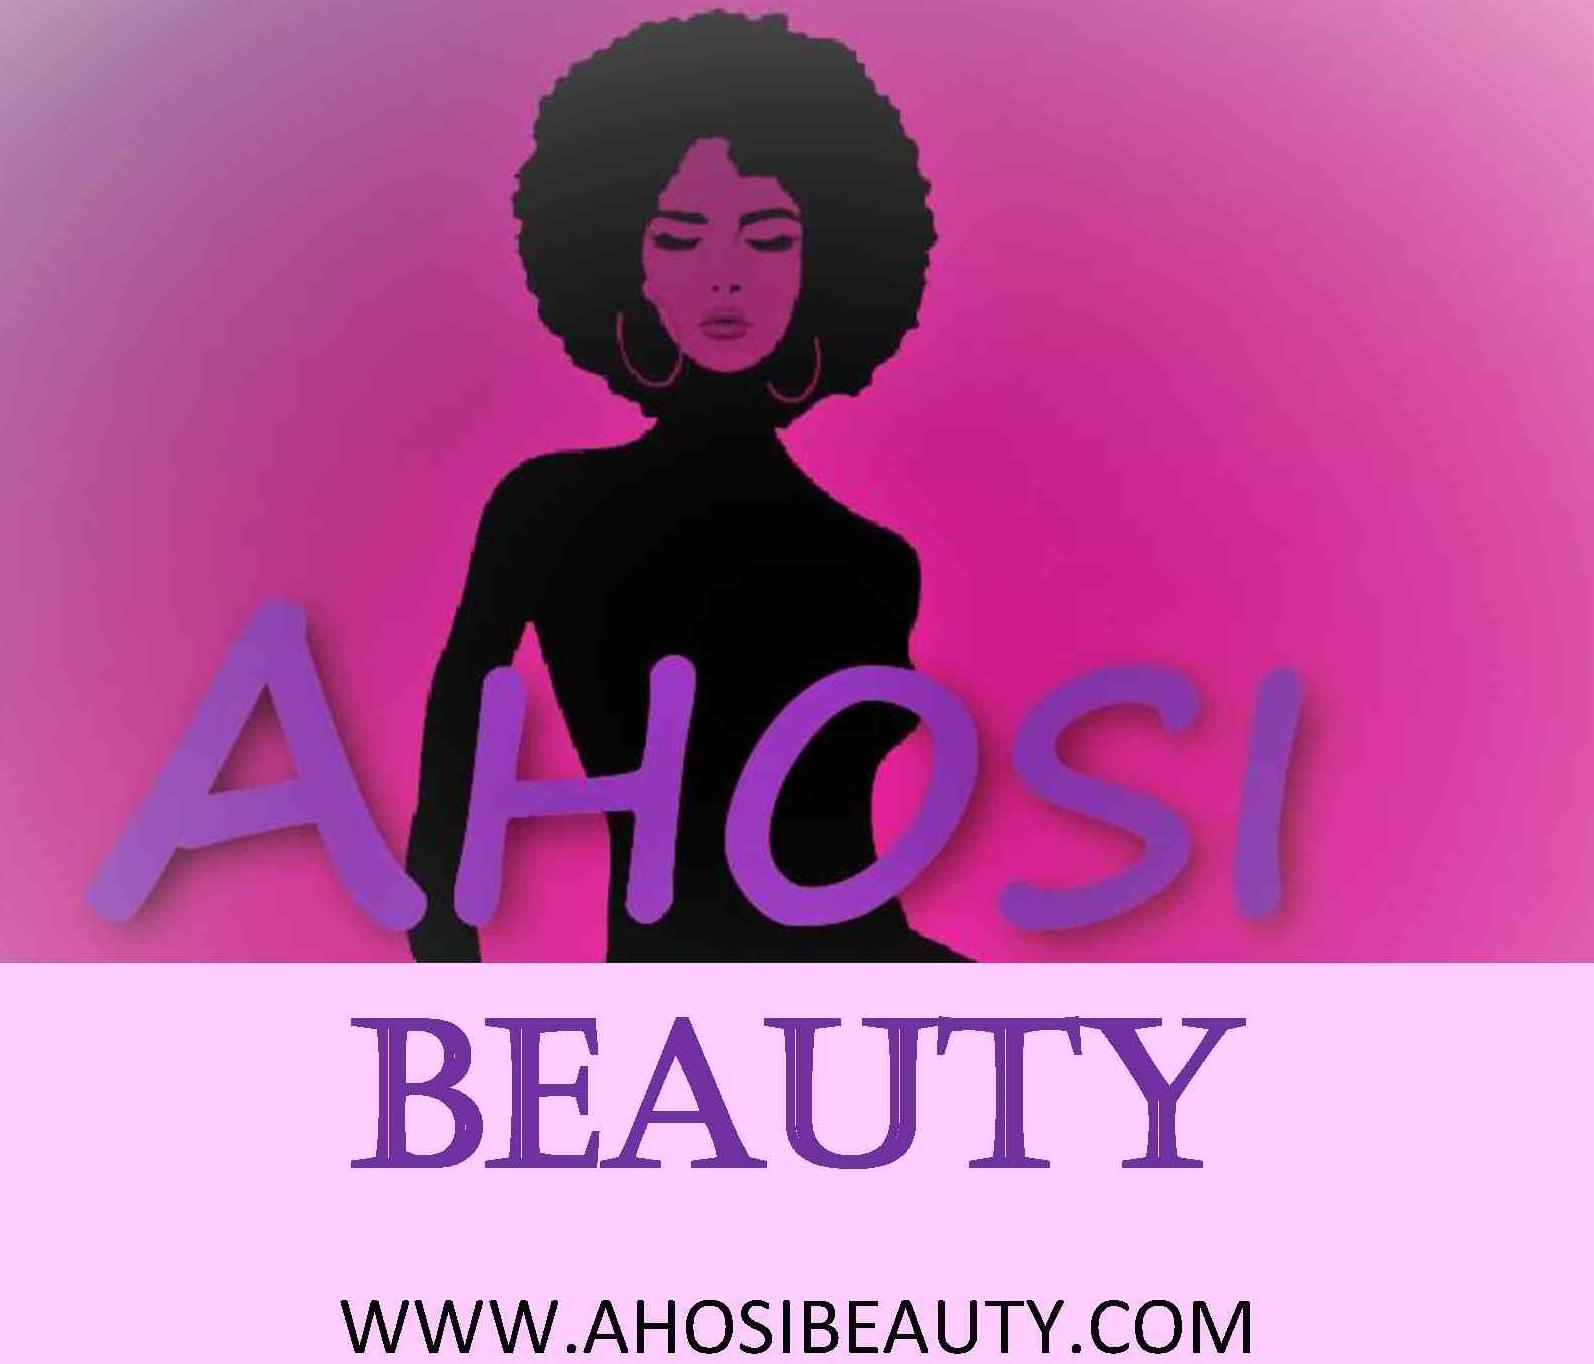 AHOSI BEAUTY